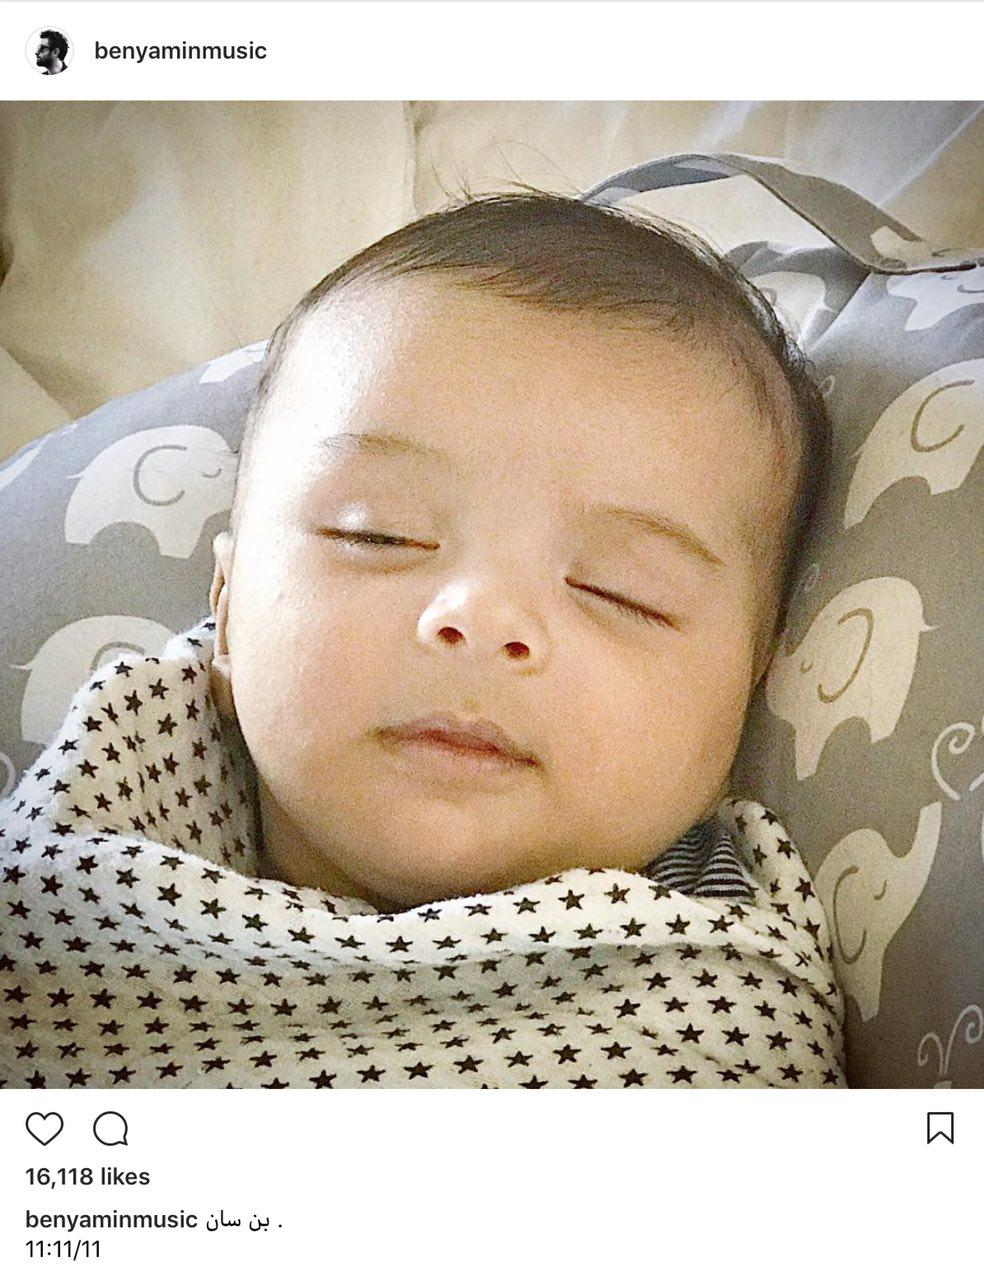 فرزند دوم بنیامین بهادری (عکس)